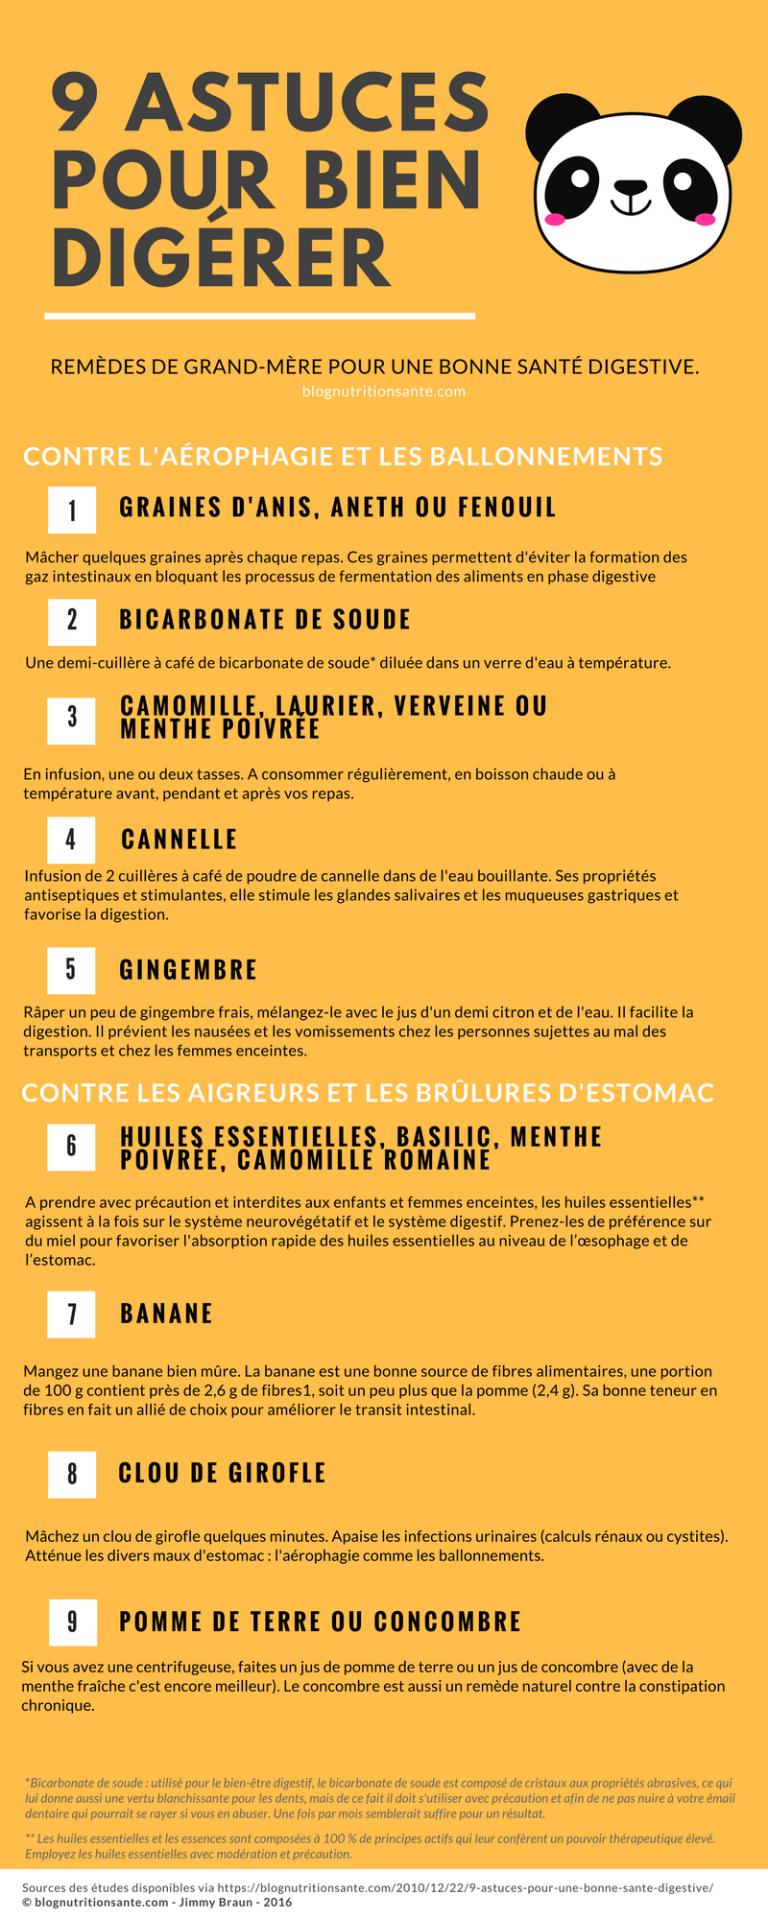 9 astuces pour une bonne sant u00e9 digestive  u2013 blog nutrition